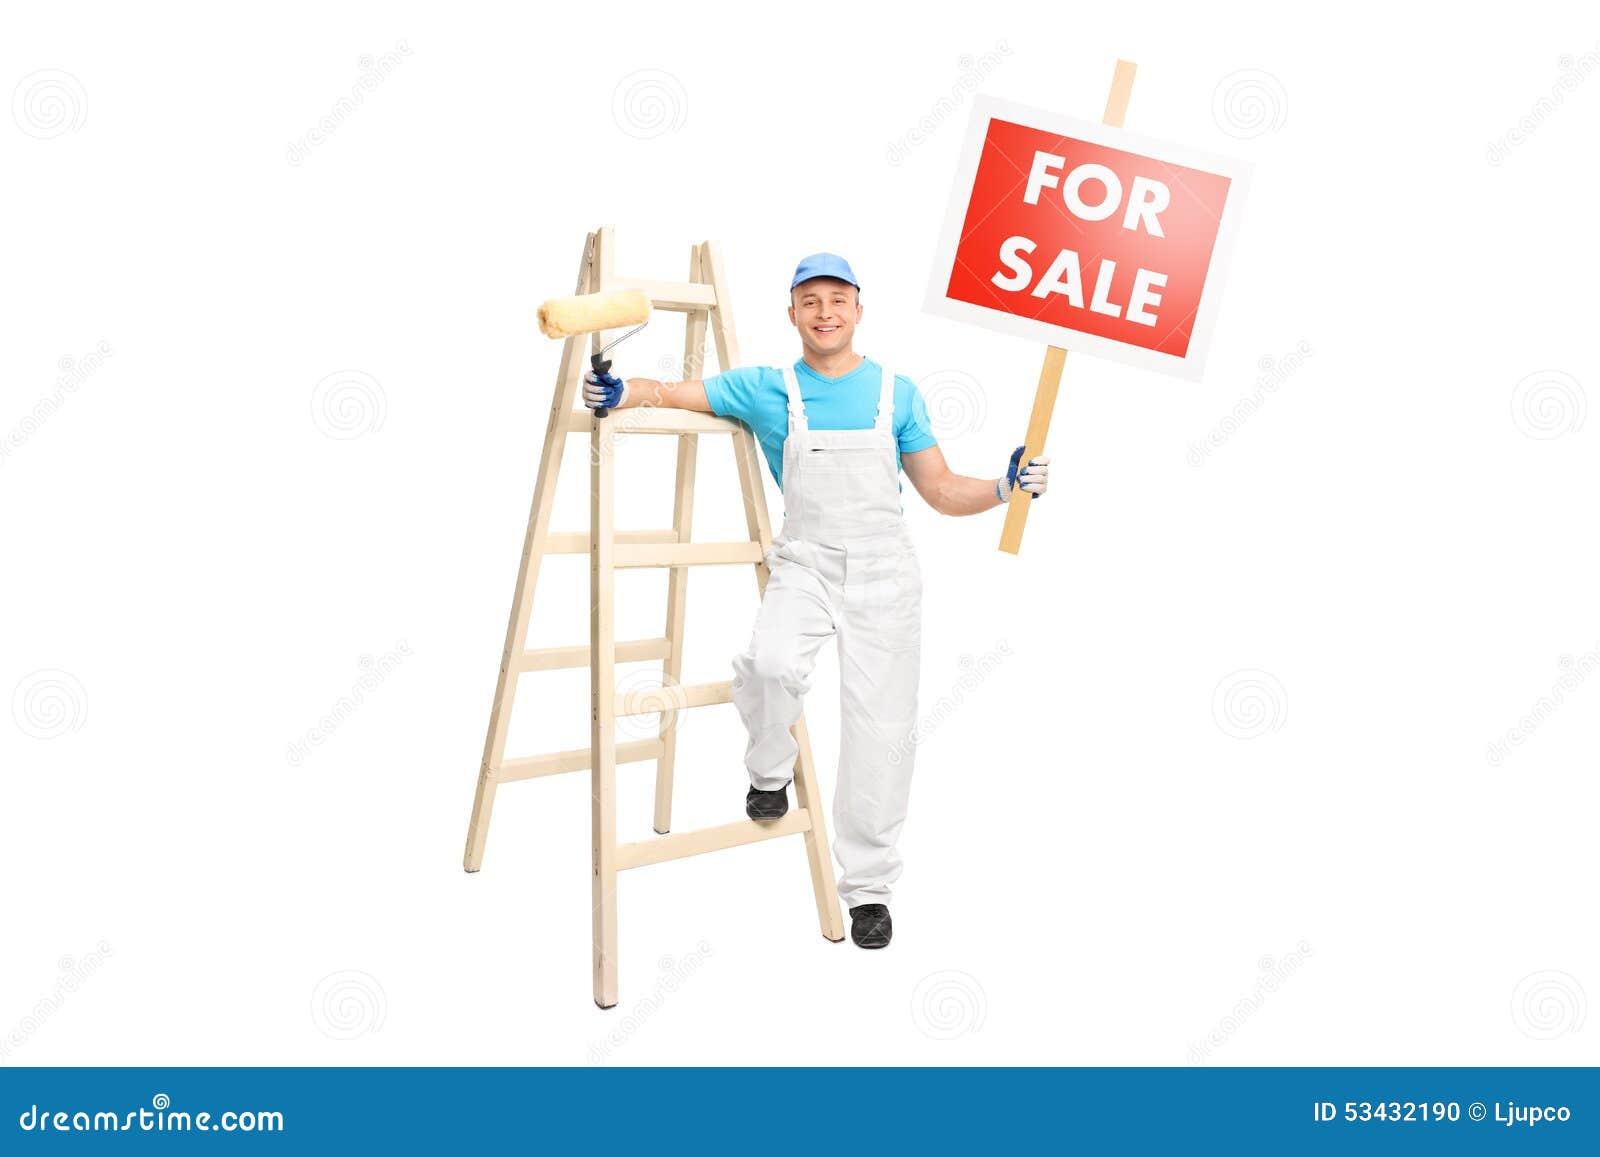 Der Dekorateur, der Farbenrolle halten und a für Verkauf unterzeichnen